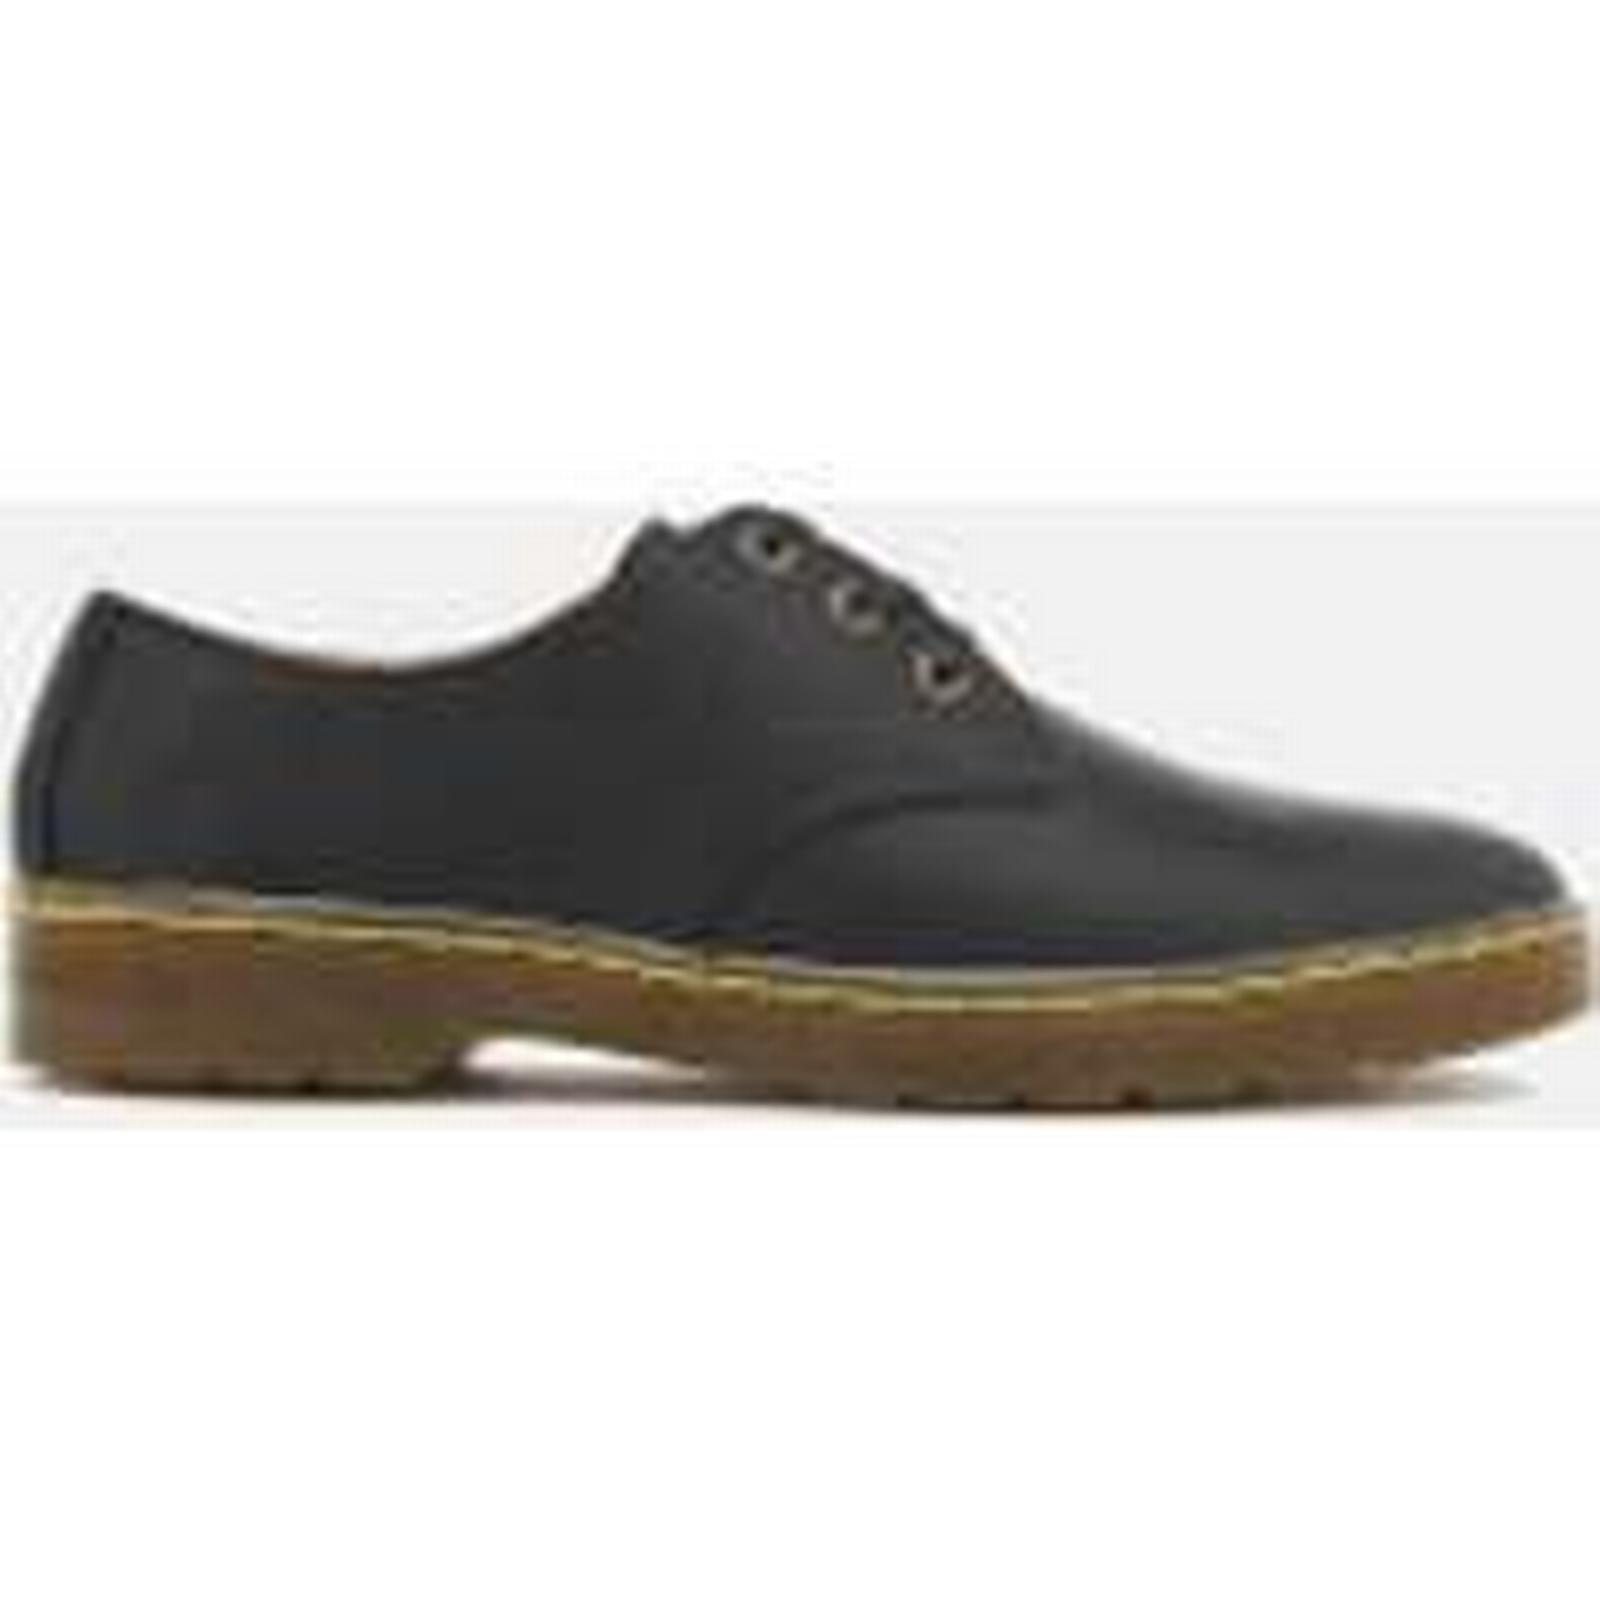 Dr. Martens Derby Men's Cruise Coronado Leather Derby Martens Shoes - Black - UK 11 - Black 15068d